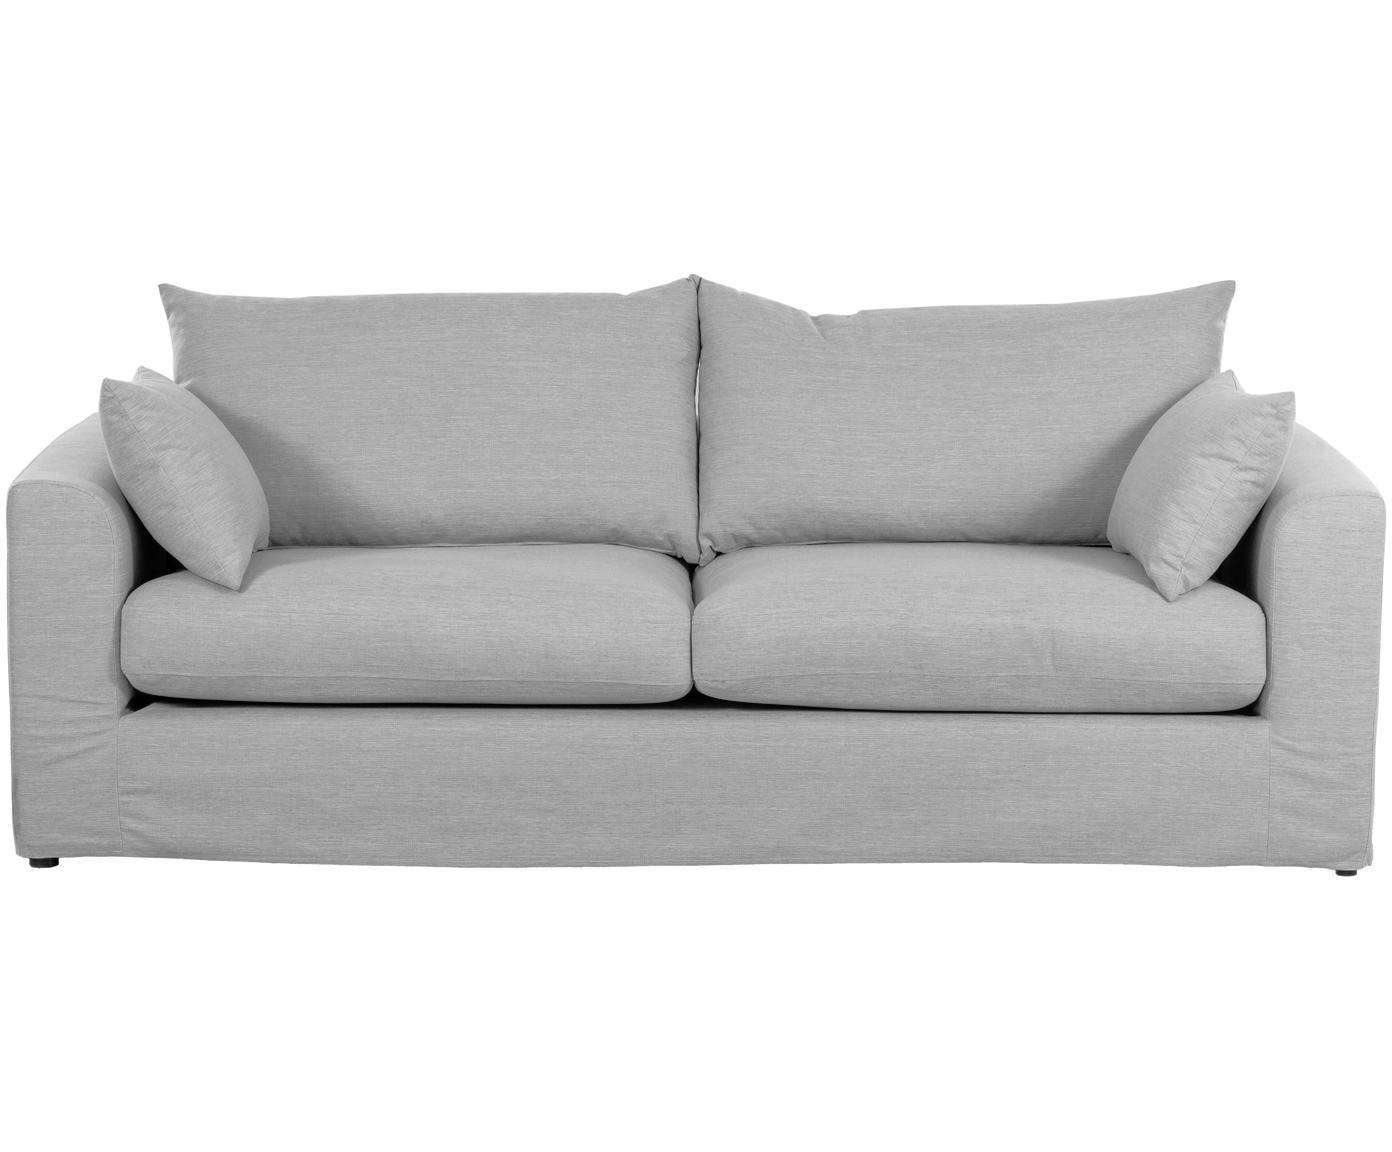 Sofa Zach (3-Sitzer), Bezug: Polypropylen Der hochwert, Füße: Kunststoff, Webstoff Grau, B 231 x T 90 cm